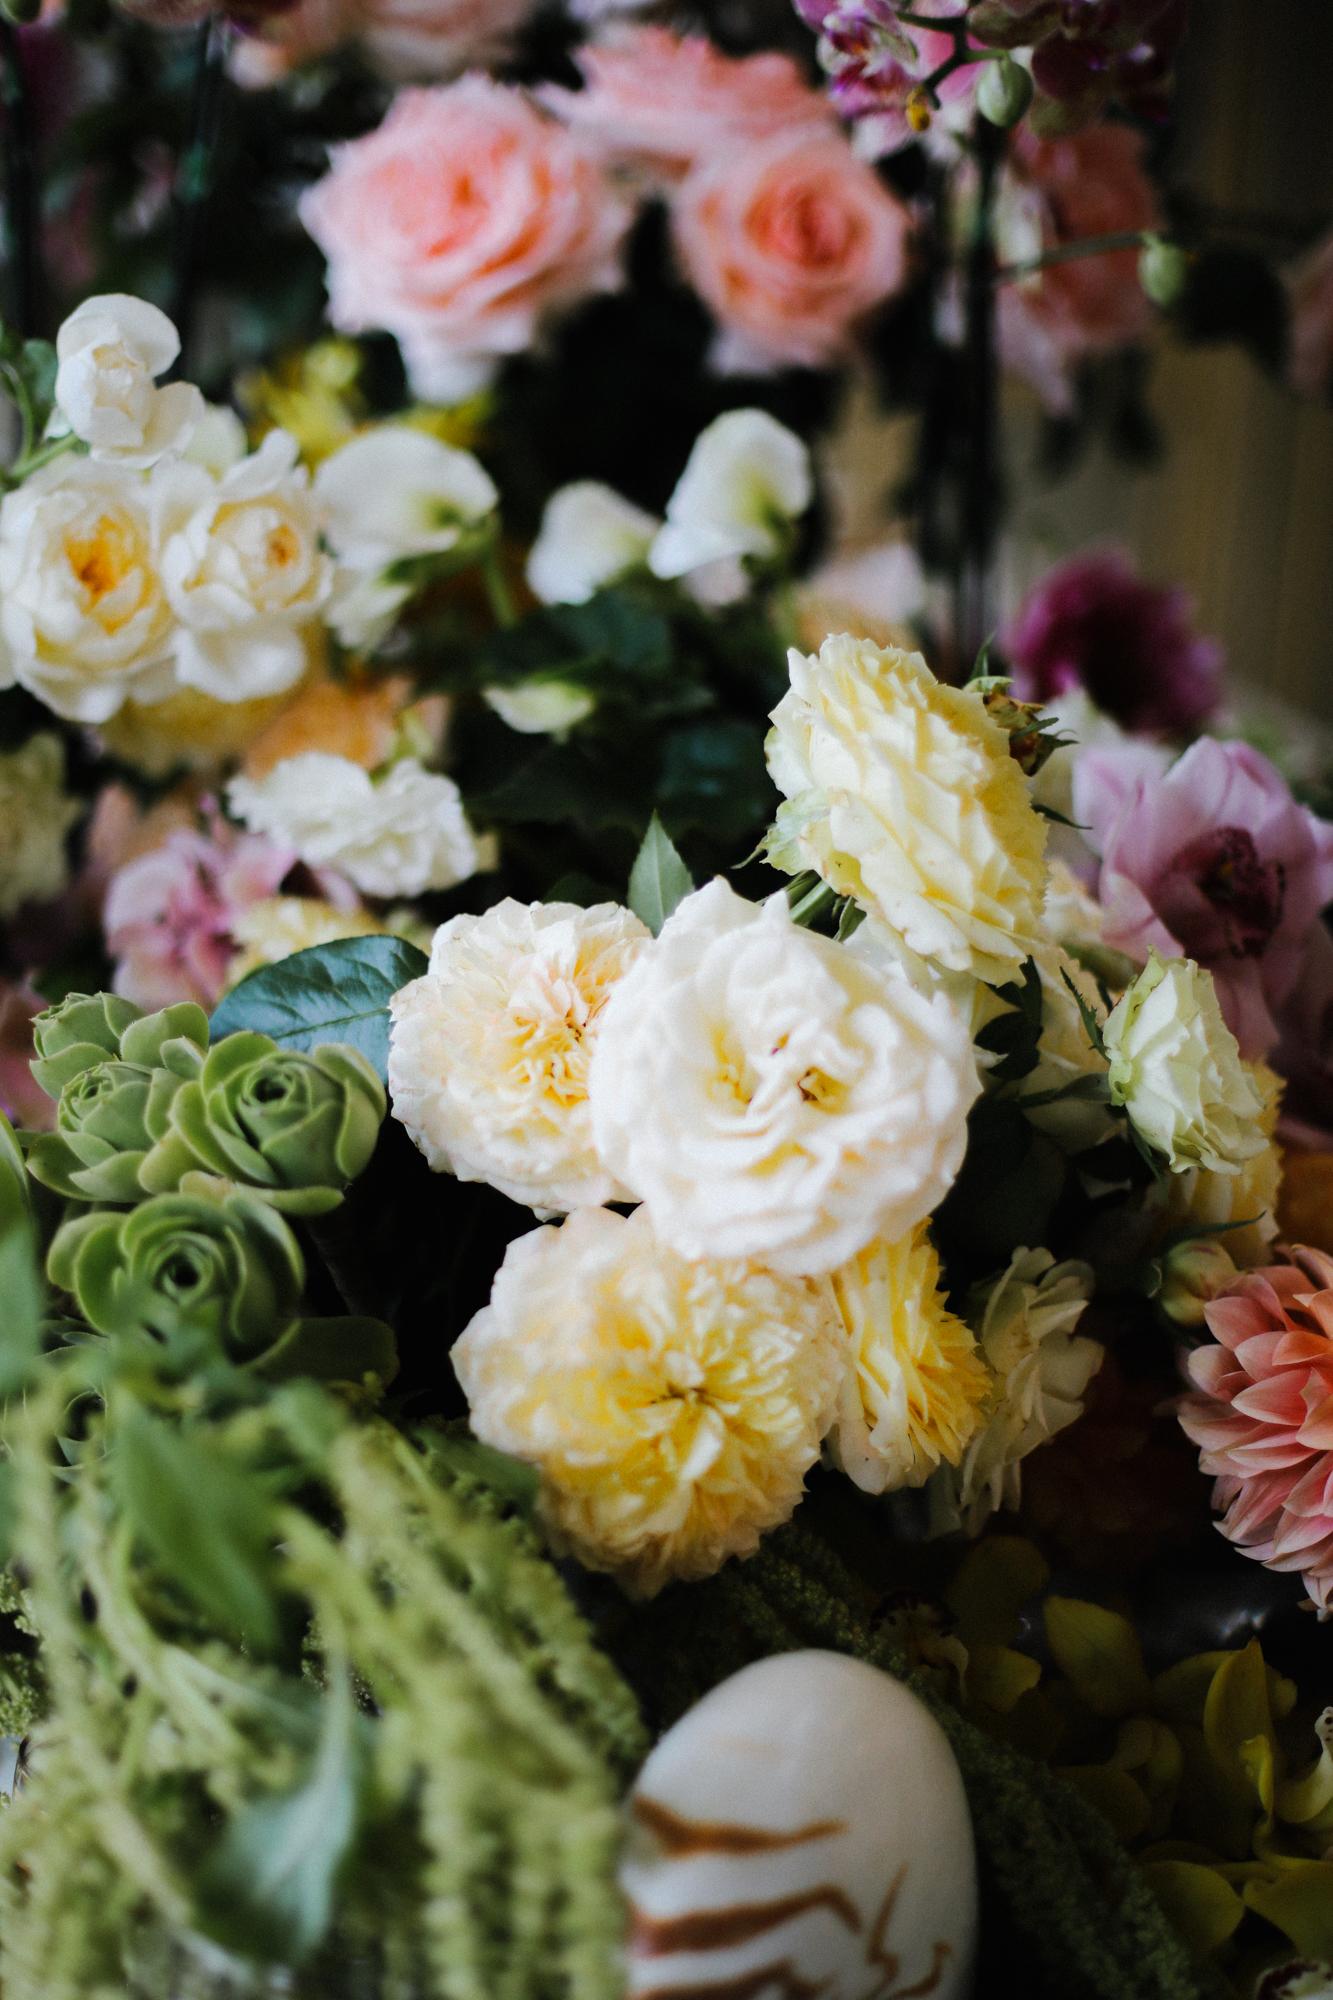 Flowers in a Vase-19.jpg